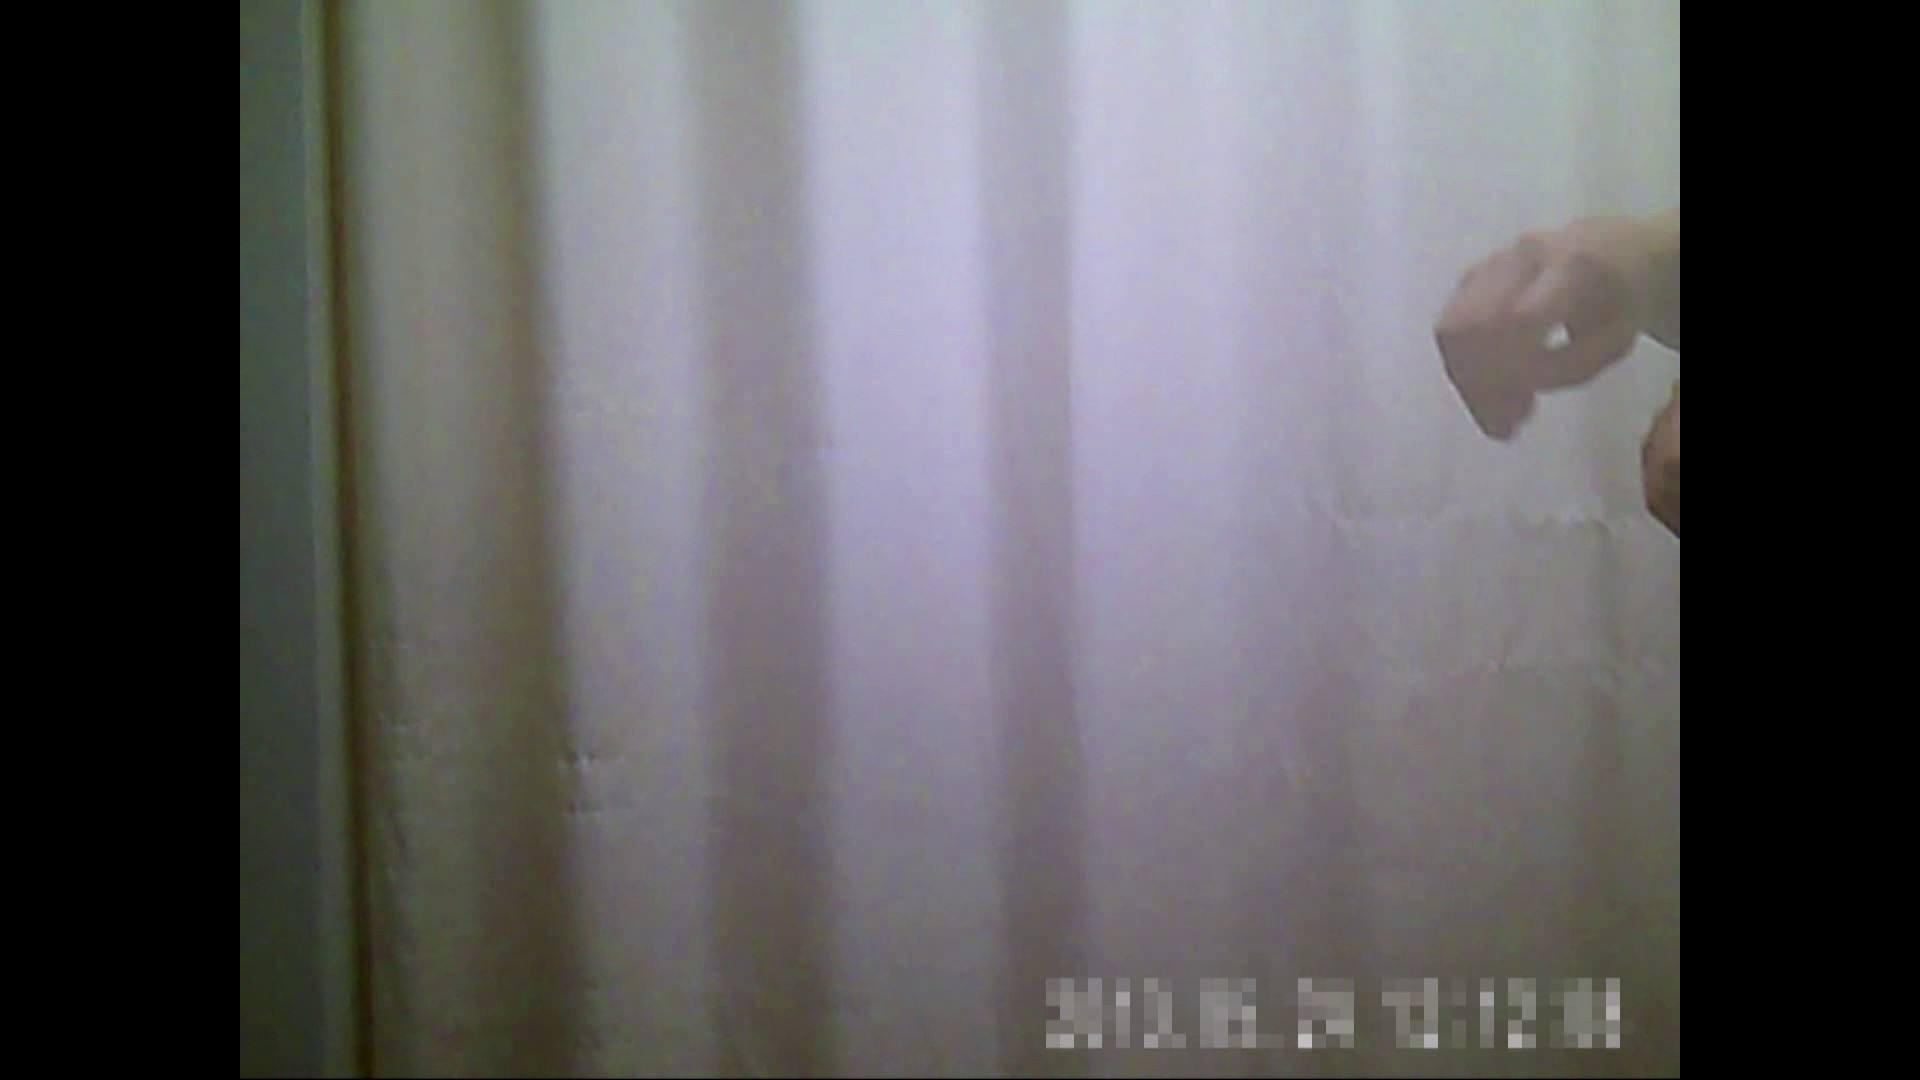 病院おもいっきり着替え! vol.251 娘 オマンコ無修正動画無料 69連発 11